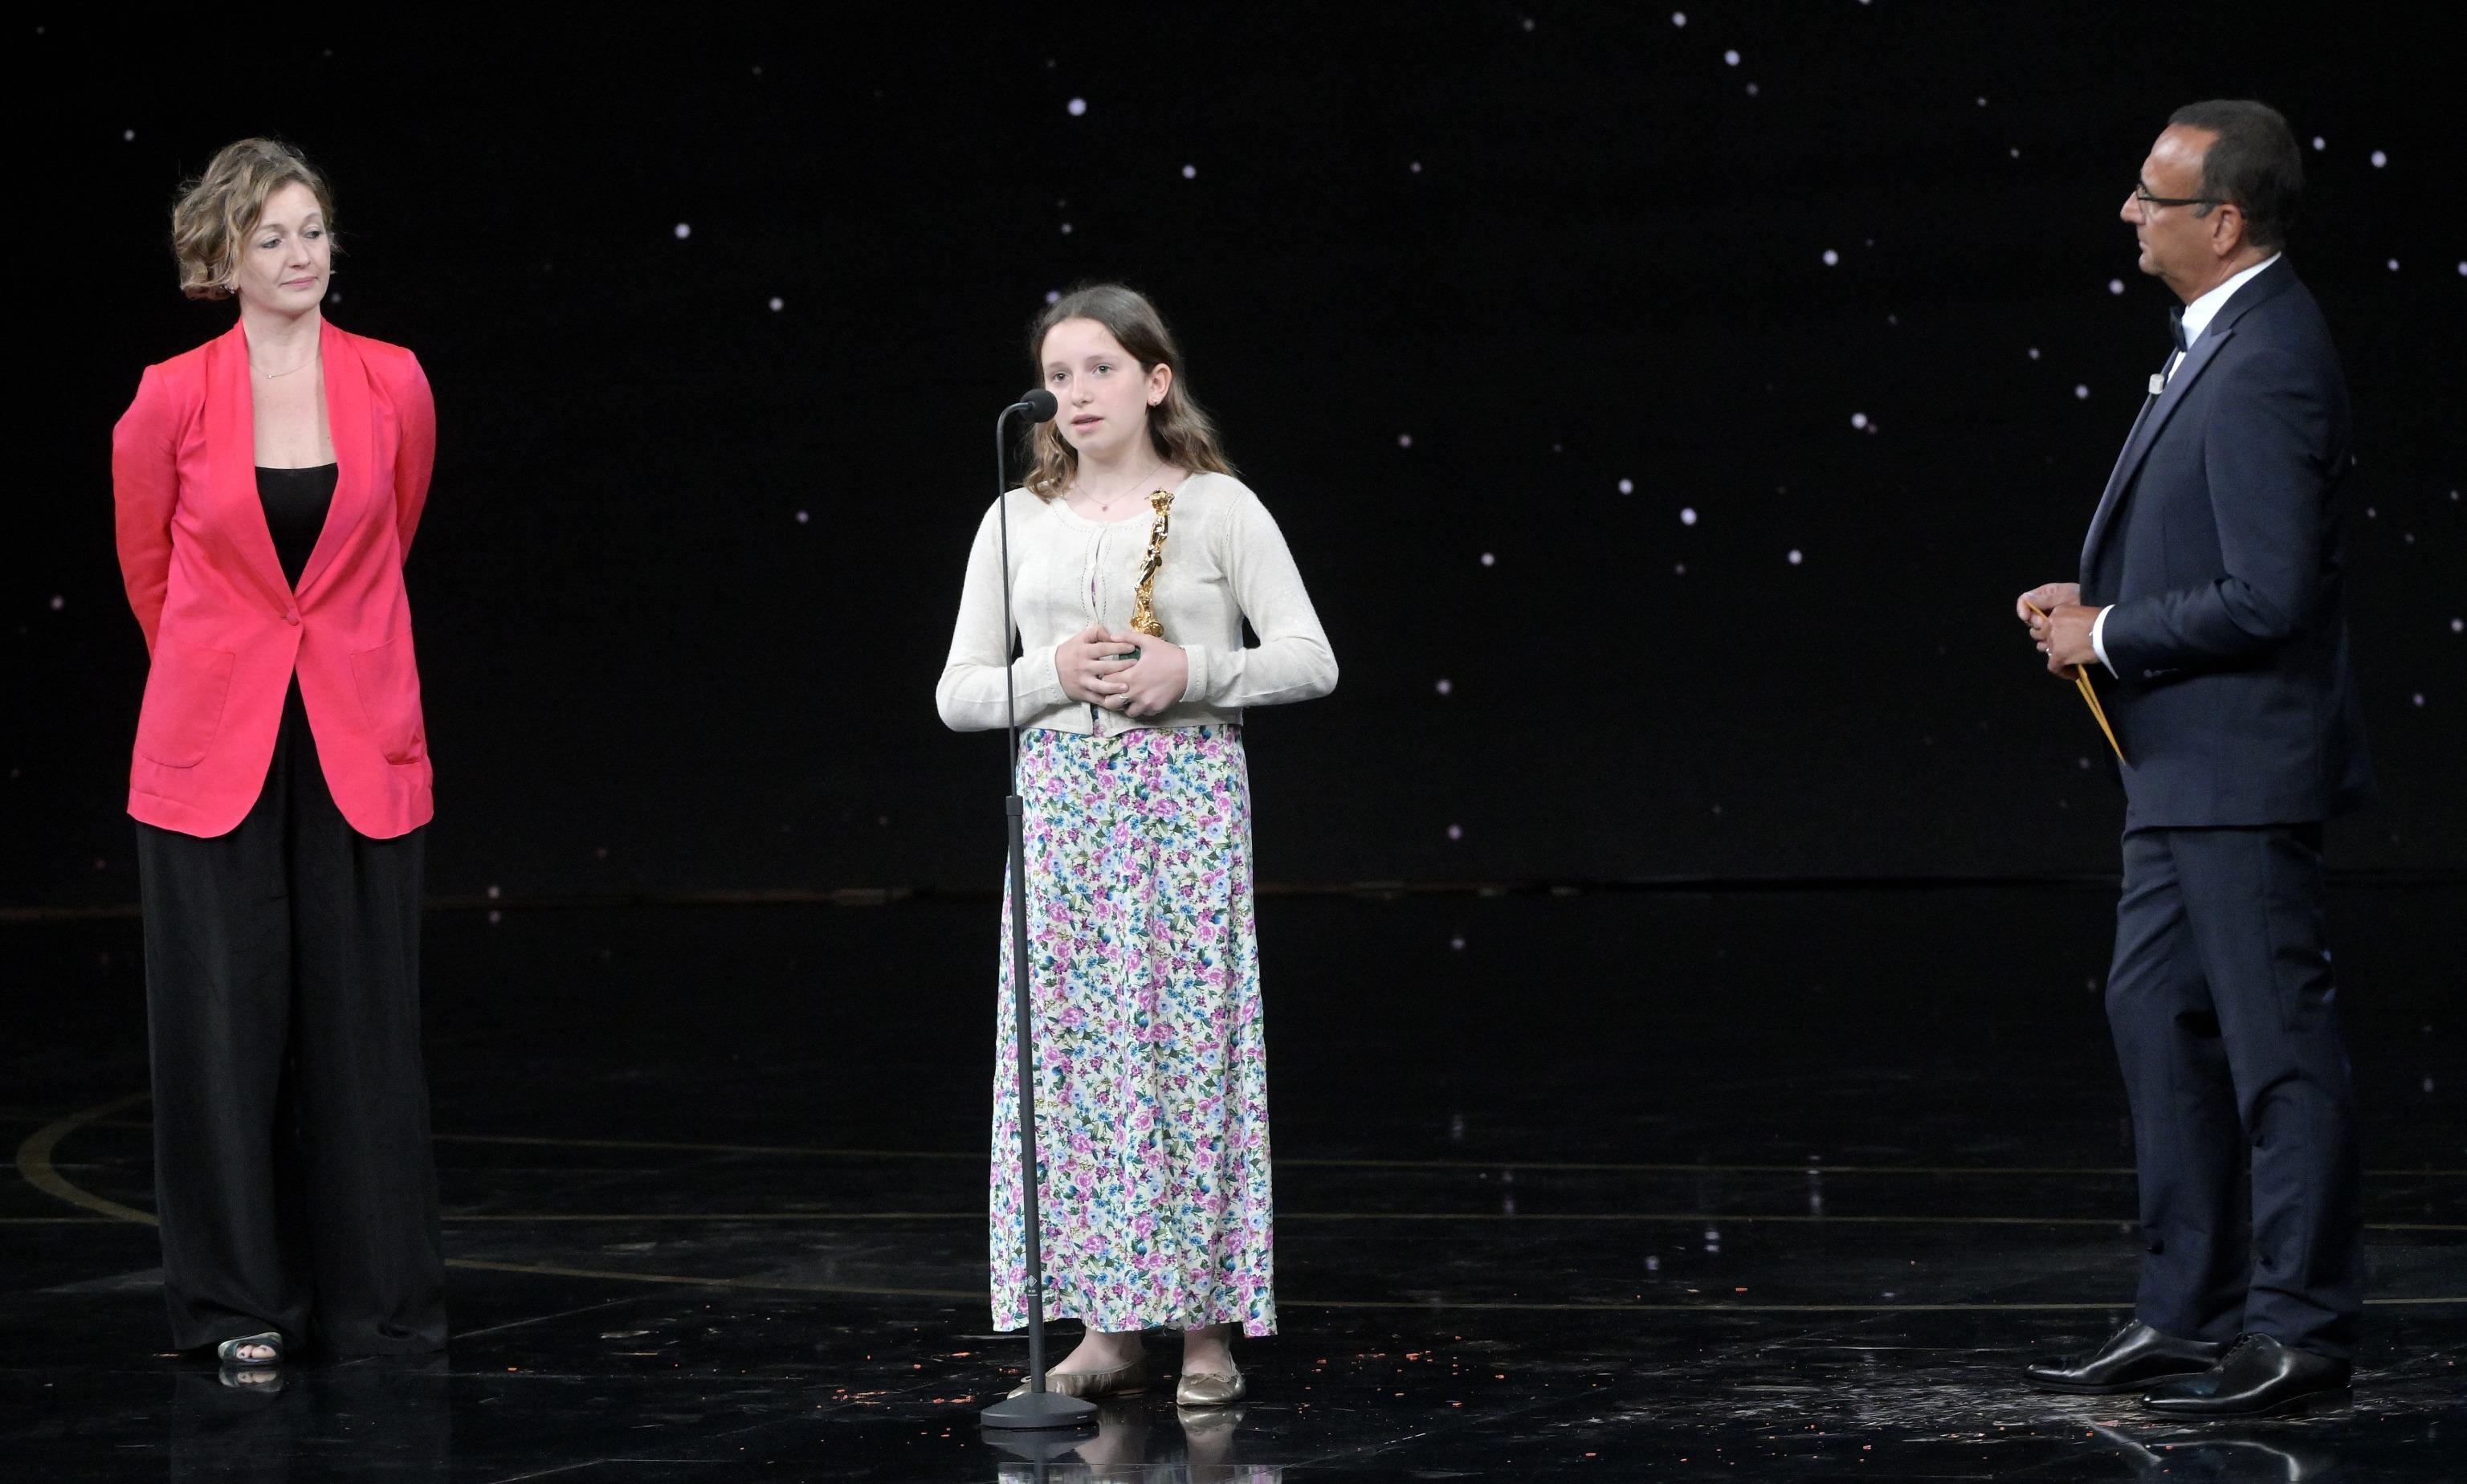 La figlia di Mattia Torre ritira il premio per suo padre: il saluto che commuove il pubblico dei David  – Il video